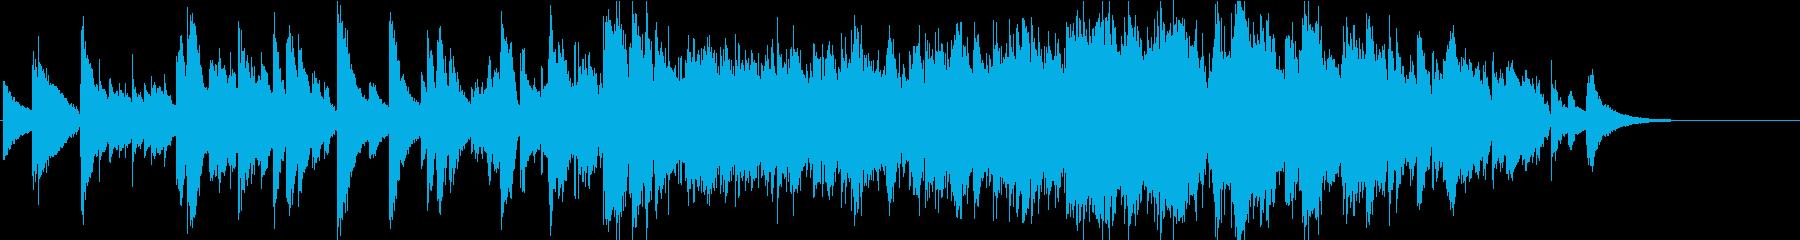 ハープソロ 哀愁 秋 別れ 切ないの再生済みの波形